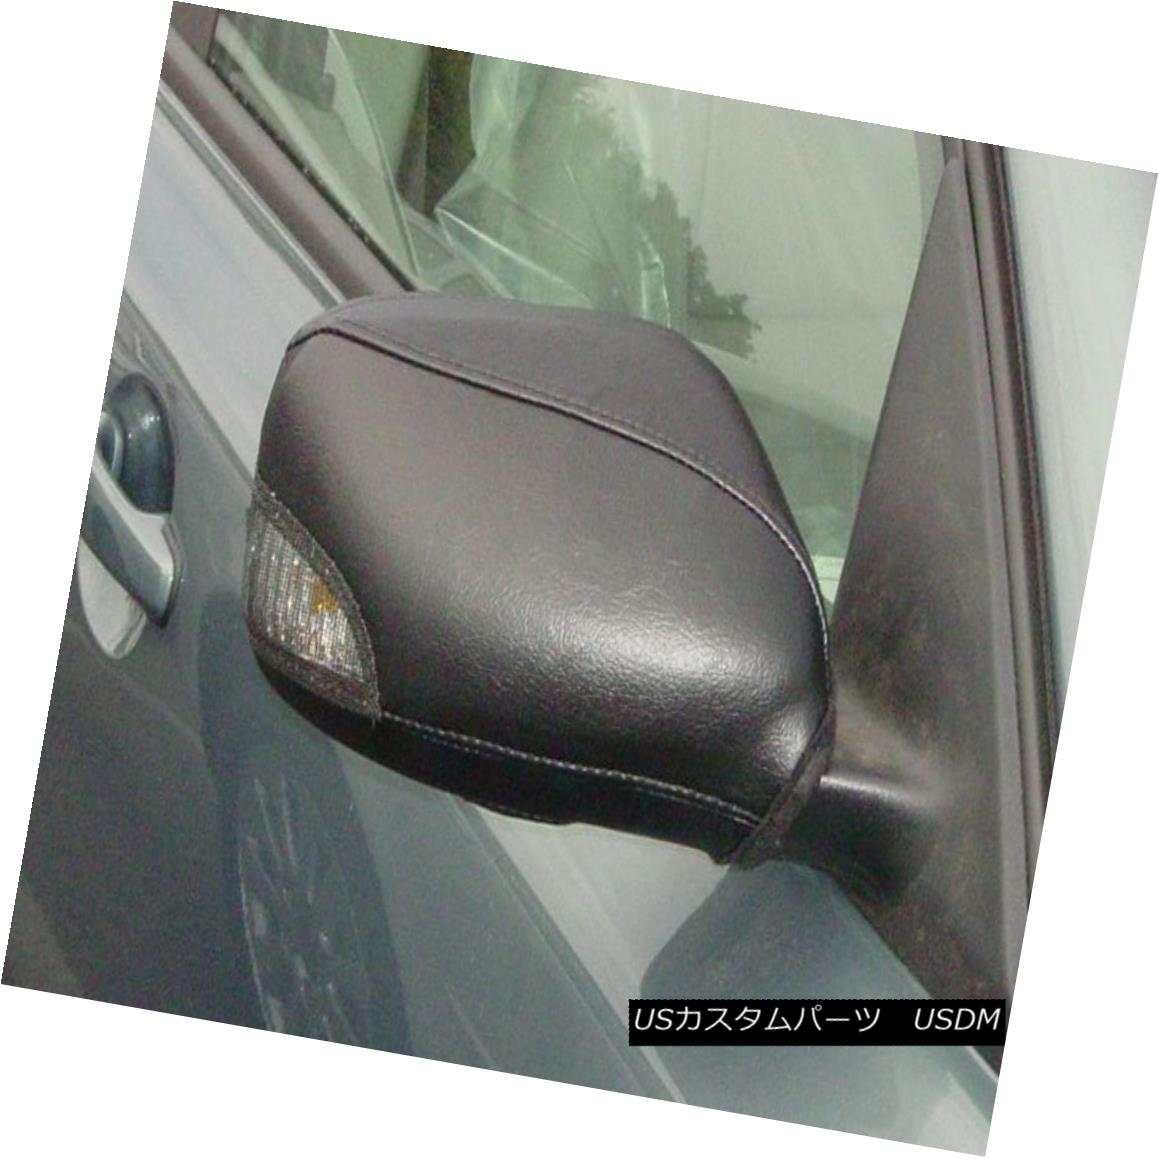 フルブラ ノーズブラ Colgan Car Mirror Covers Bra Protector Black Fits 2005-2006 VOLVO S40, T5 Sedan コルガン車のミラーカバーブラプロテクターブラックは2005-2006年に合うVOLVO S40、T5セダン